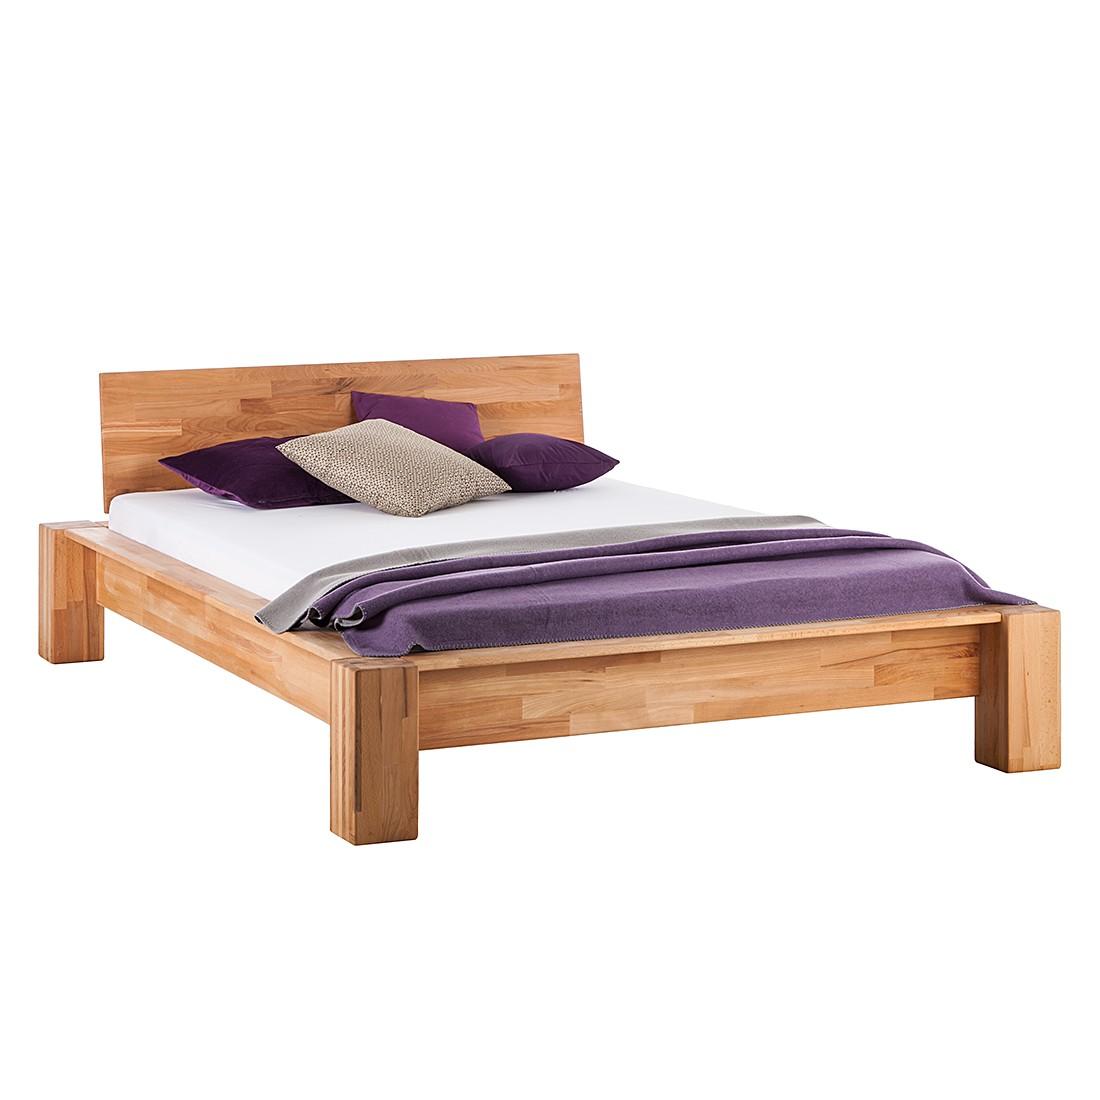 goedkoop Massief houten bed LeeWOOD 140 x 200cm Kernbeuken Ars Natura